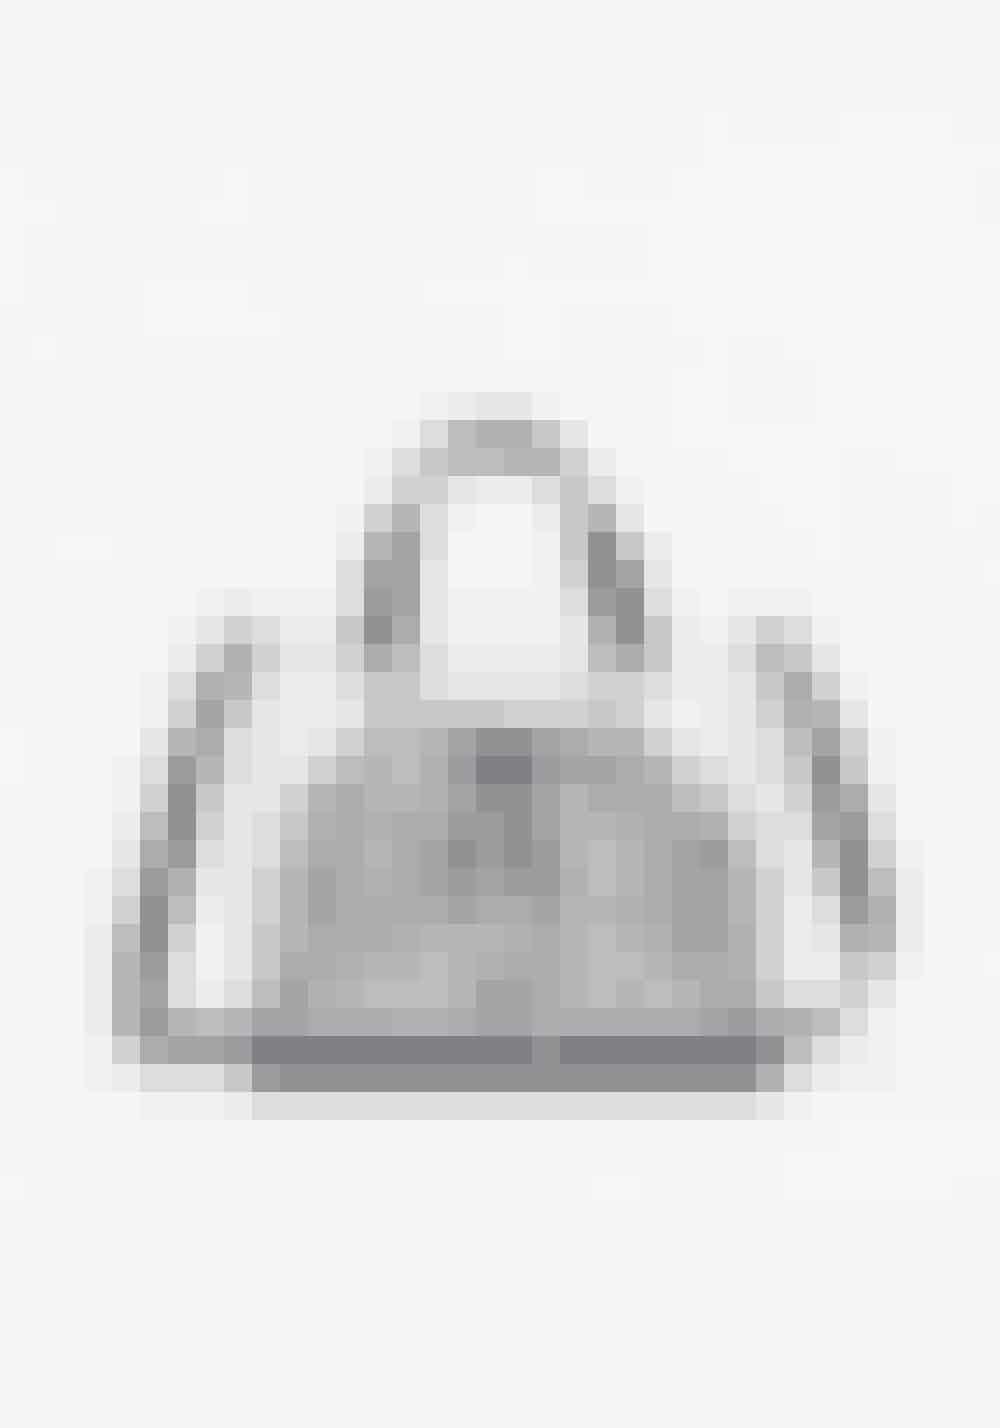 Zara, shoppetaske i vinyl, 249 kr.Kan købes online HER